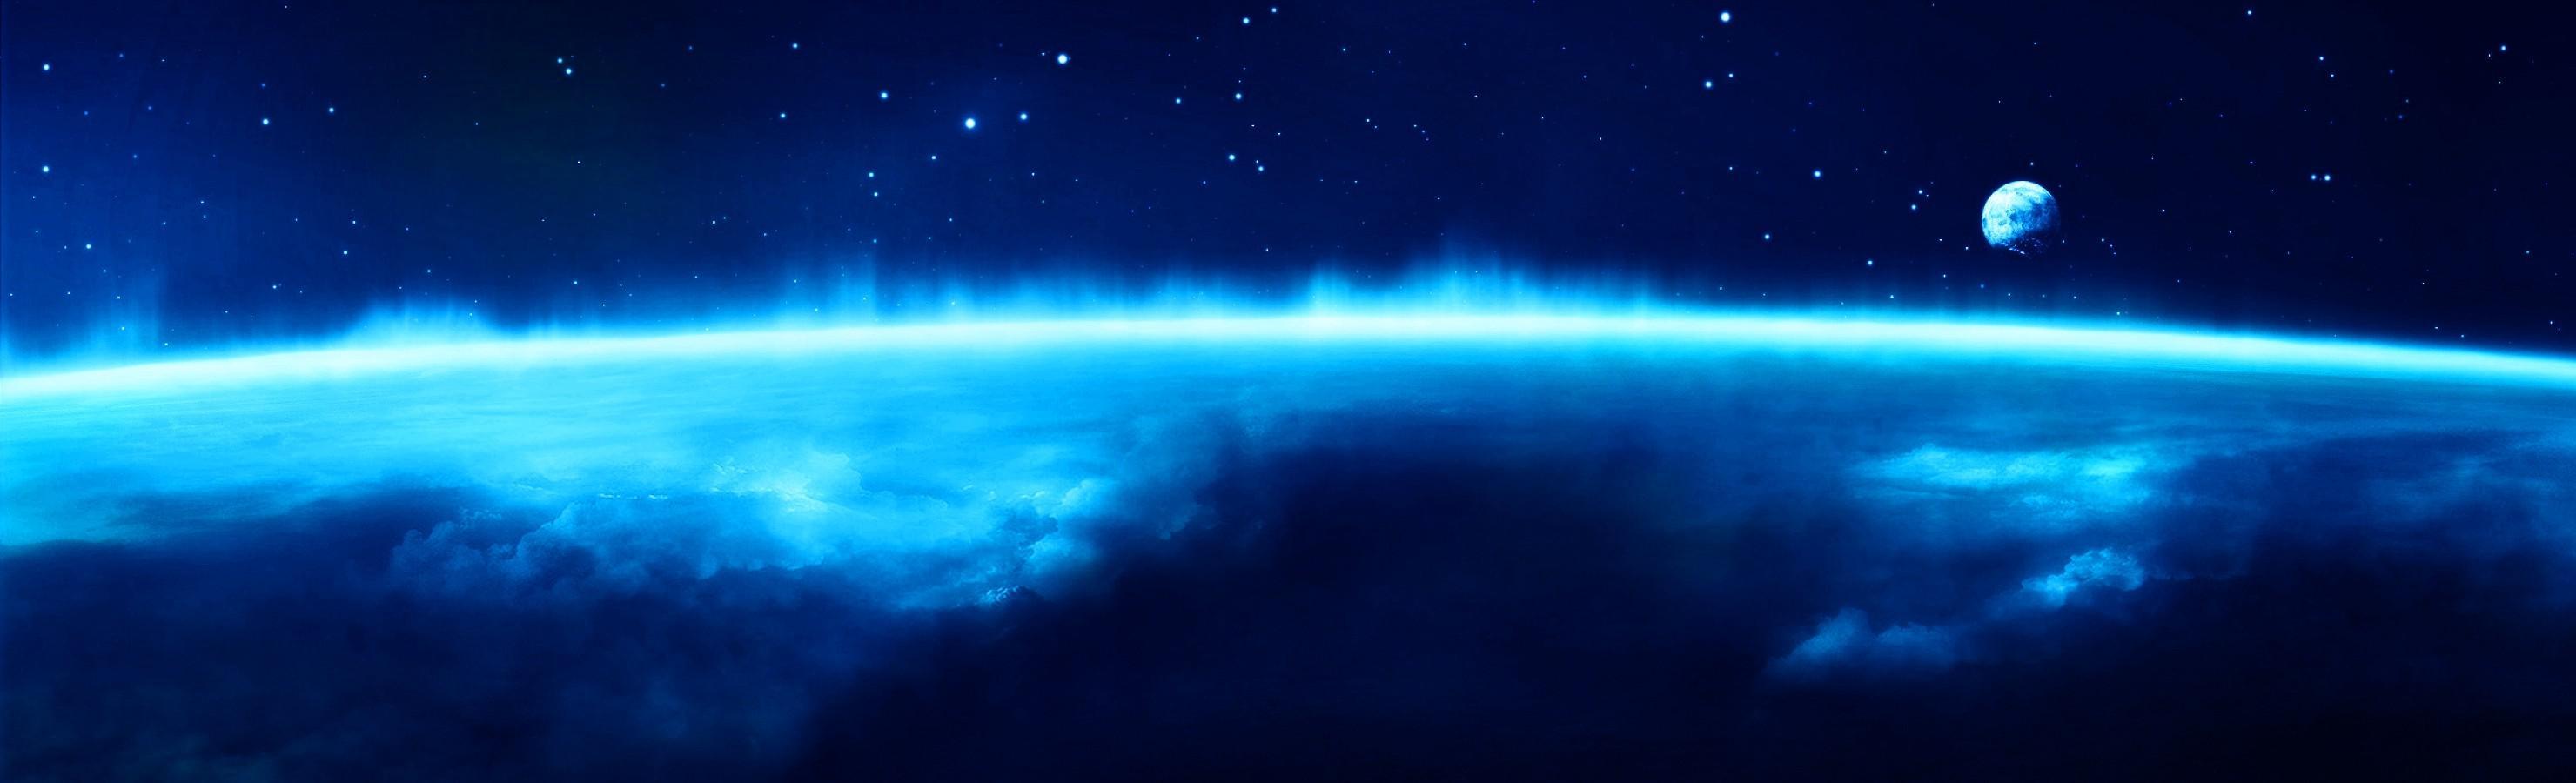 DEEP BLUE SPACE WALLPAPER   105271   HD Wallpapers   [desktopinHQ 2960x900